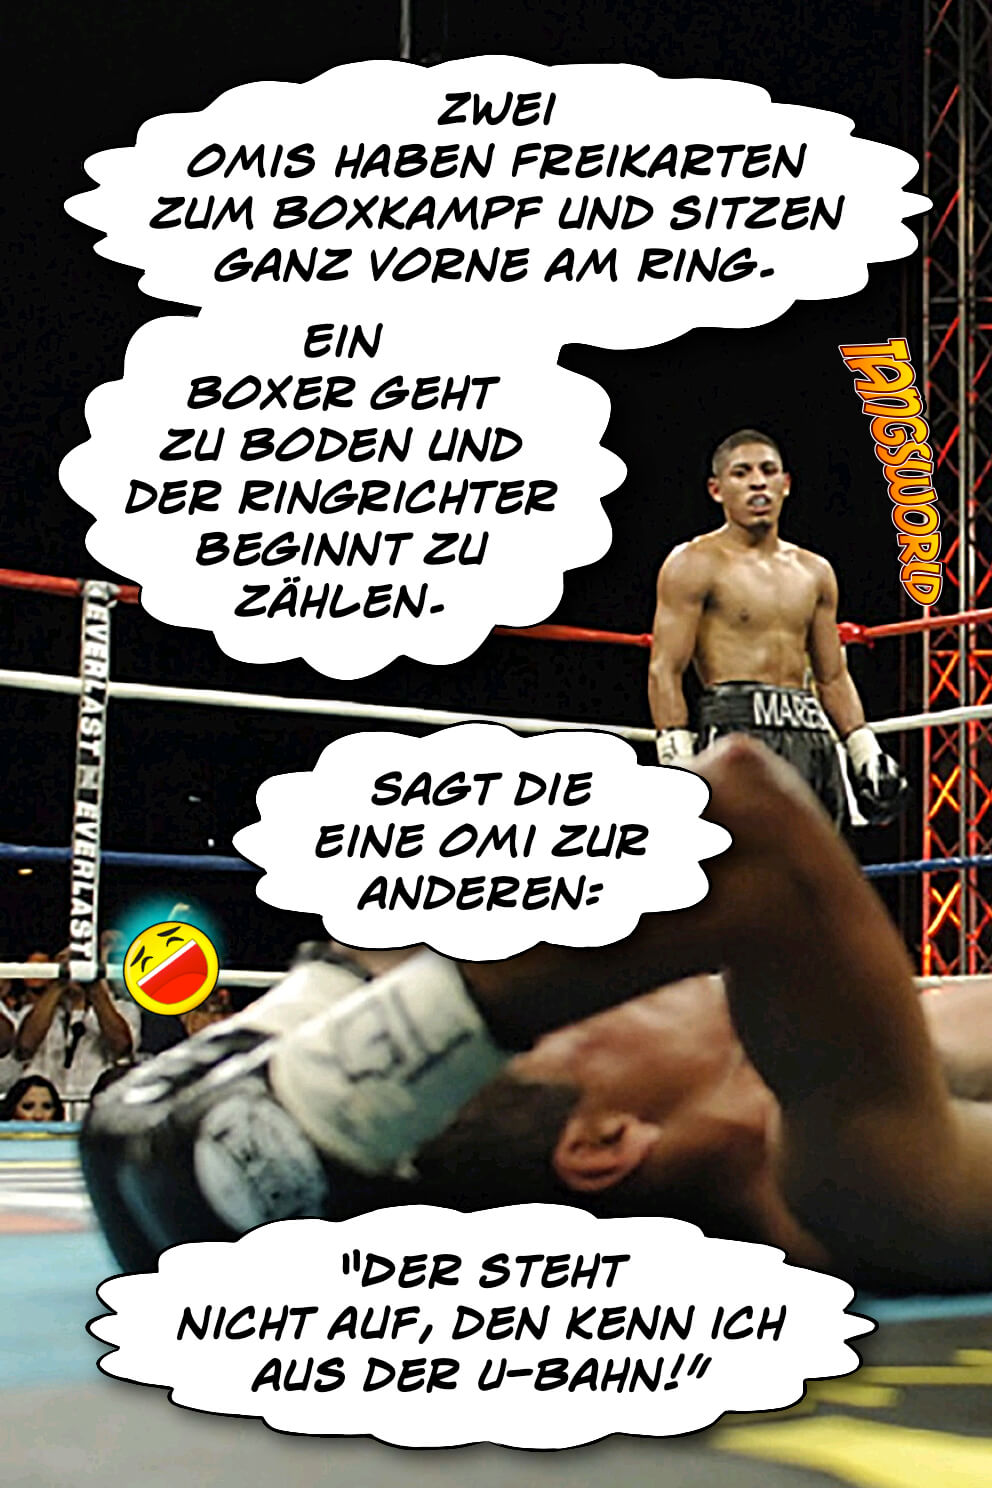 Zwei Omis haben Freikarten zum Boxkampf und sitzen ganz vorne am Ring. Ein Boxer geht zu Boden und der Ringrichter beginnt zu zählen. Sagt die eine Omi zur anderen: »Der steht nicht auf … den kenn ich aus der U-Bahn!« - Geistes(bl)witze